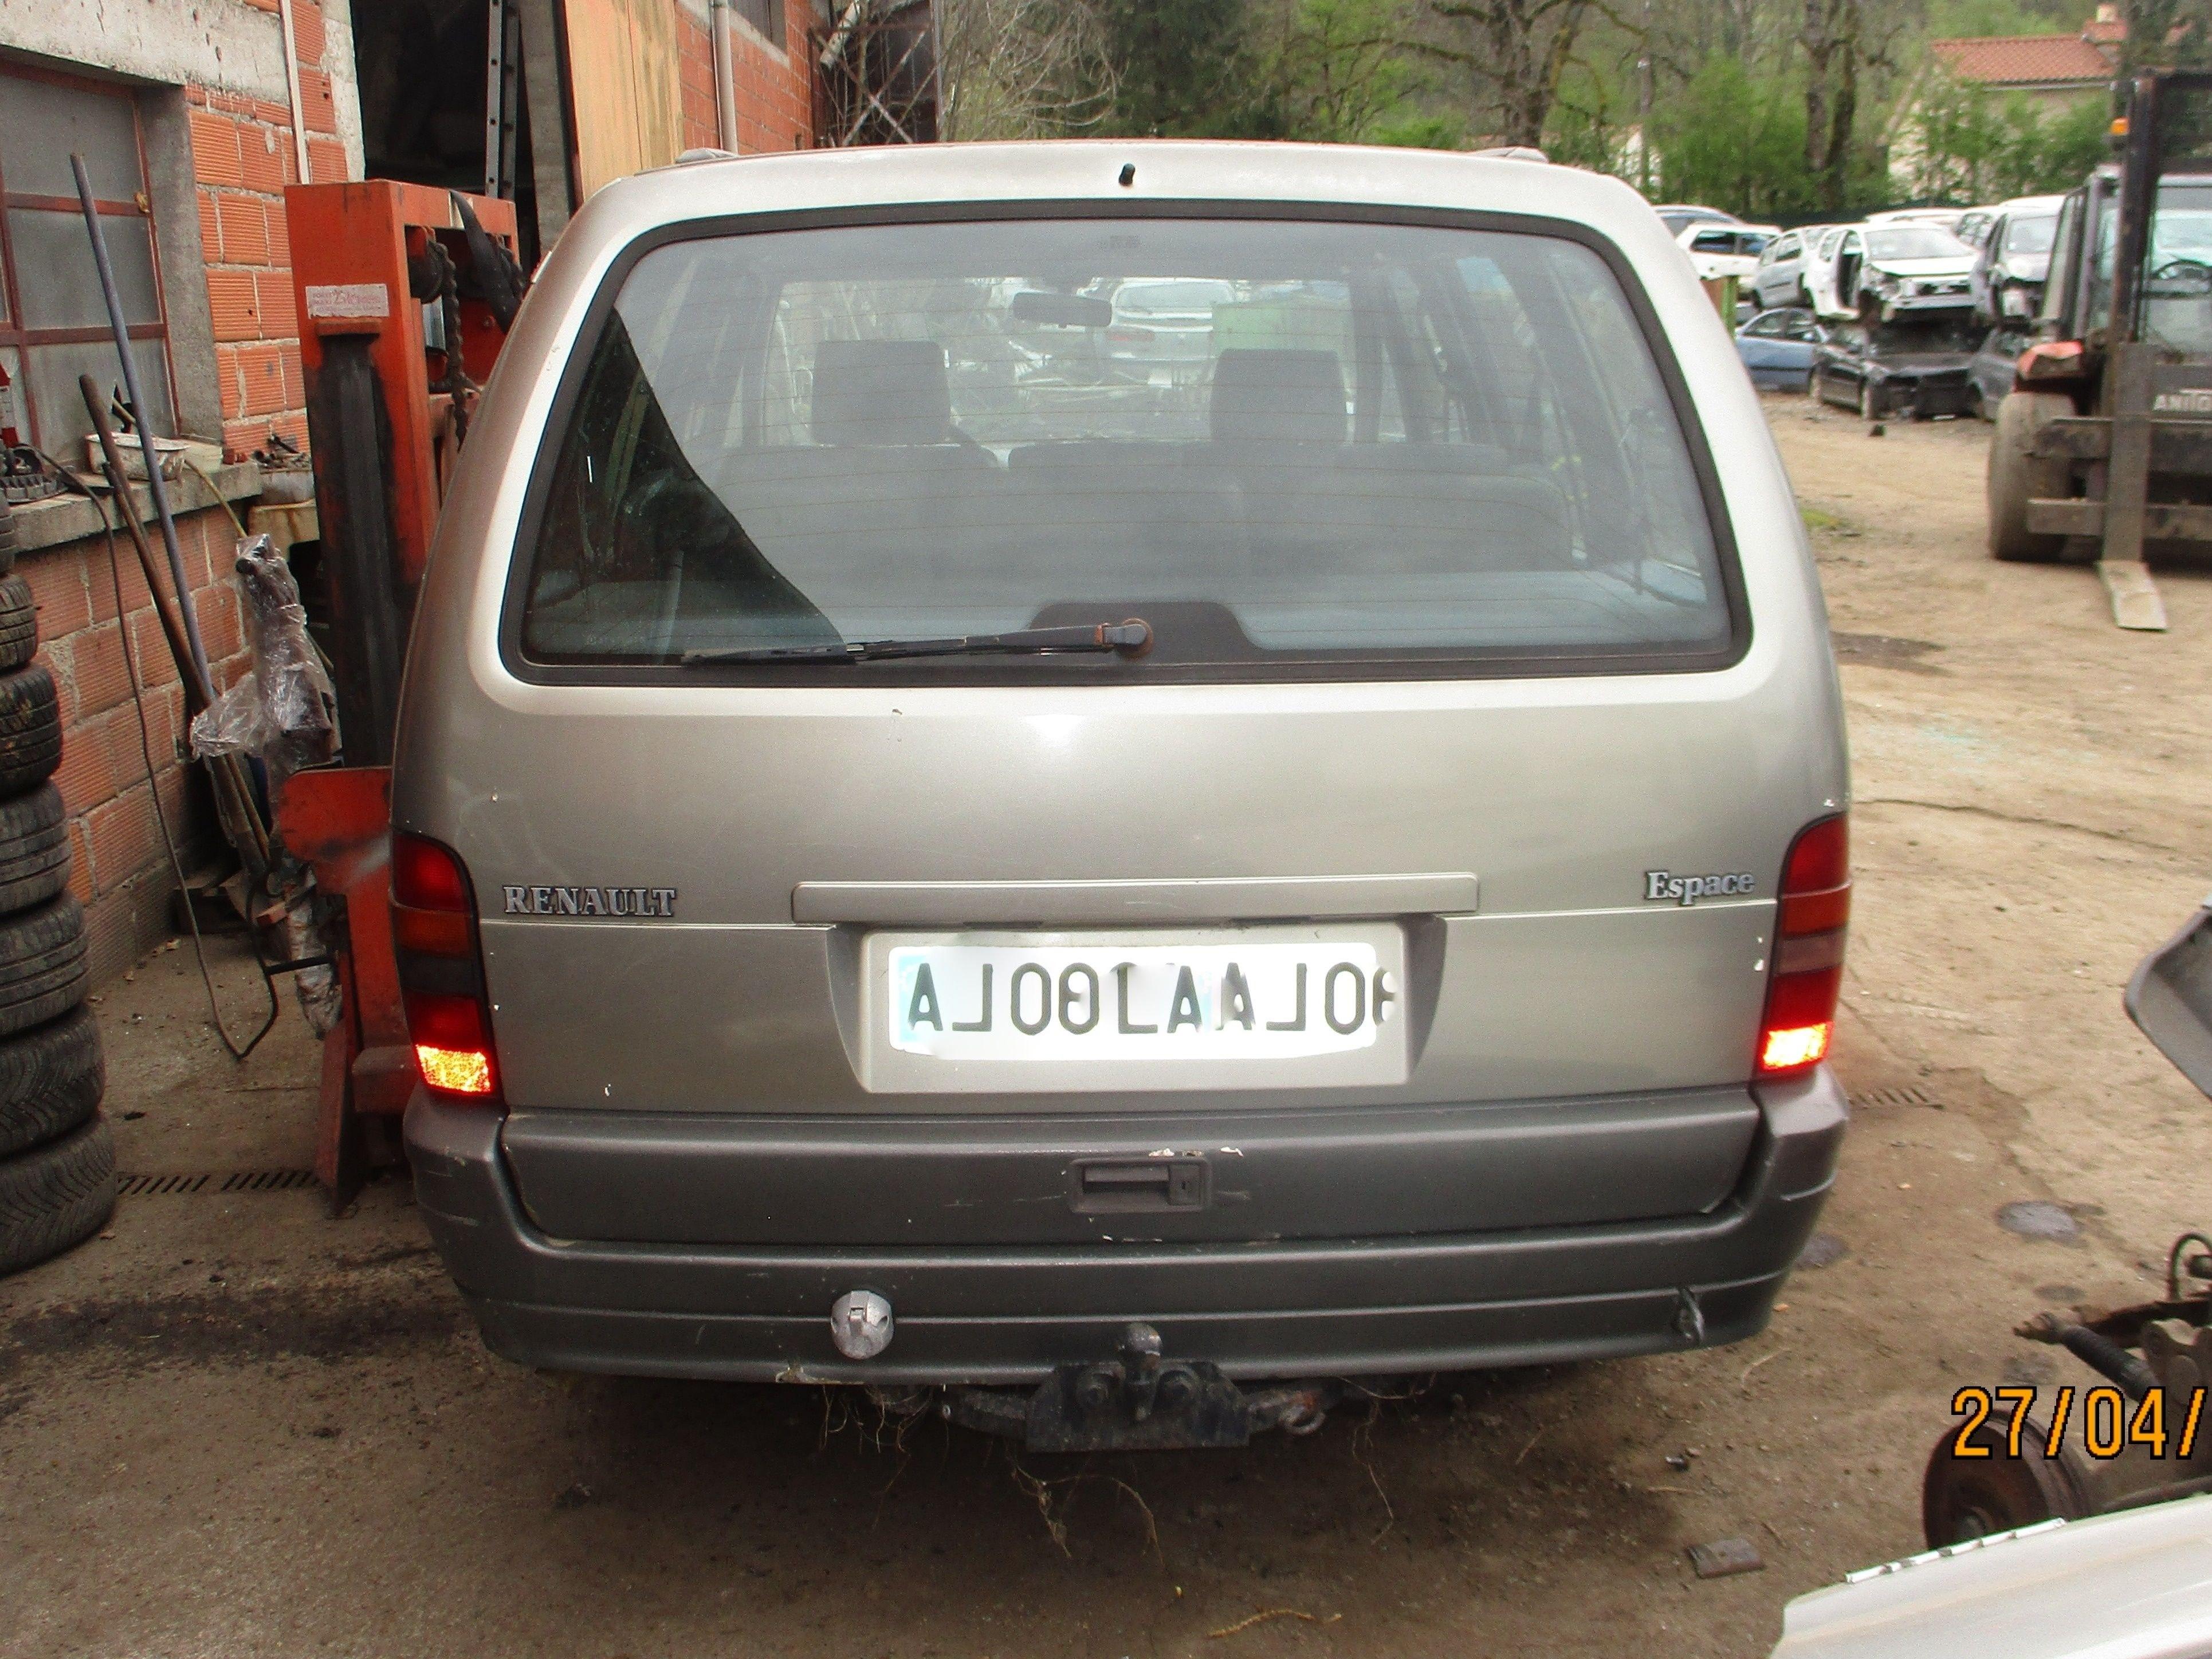 ESPACE II 2L100 TURBO DIESEL 88 CV